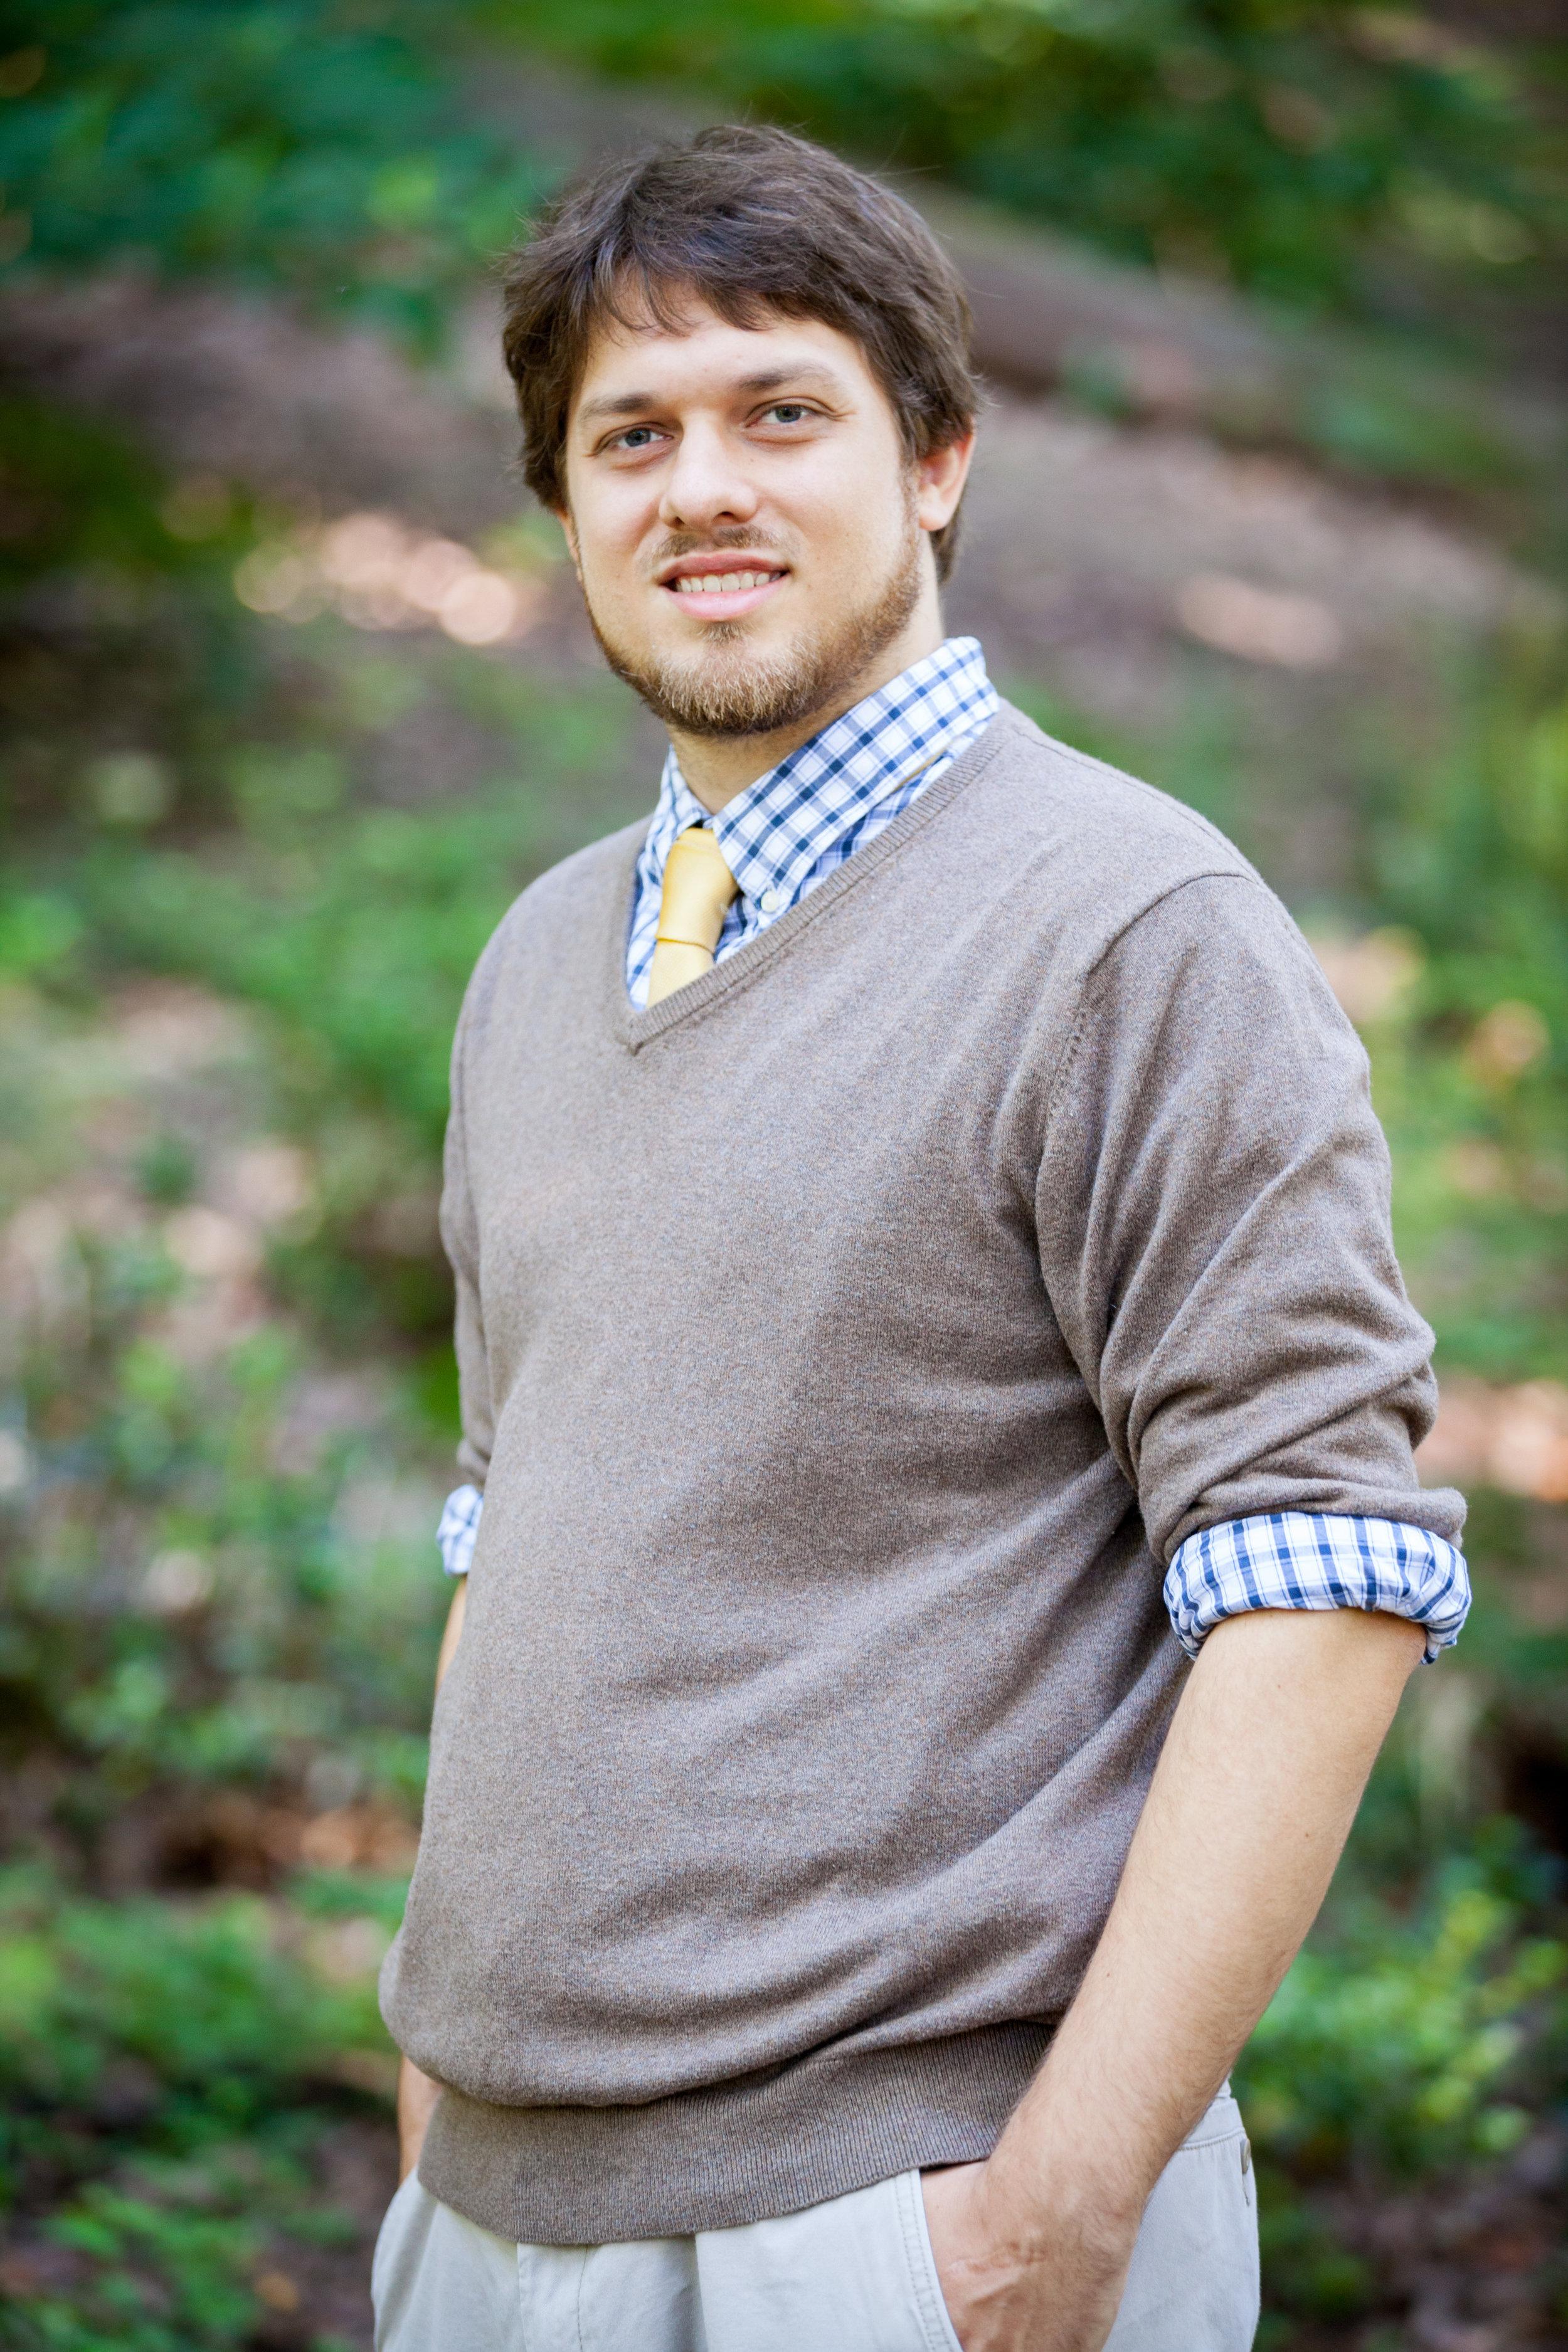 Jared Pogue Headshot.jpg